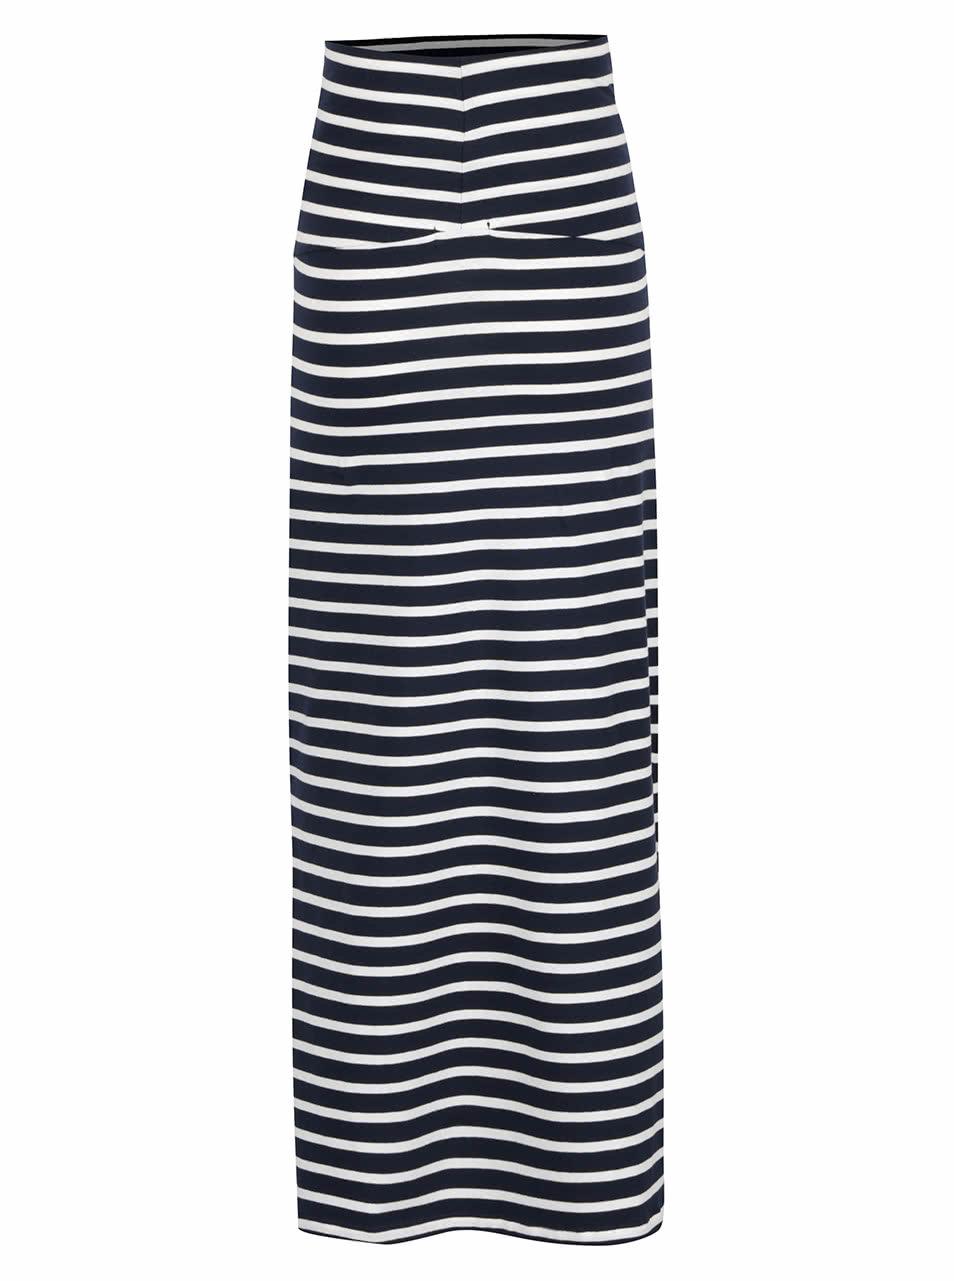 692a8c16173 Modro-bílá pruhovaná těhotenská sukně Mama.licious Lea ...